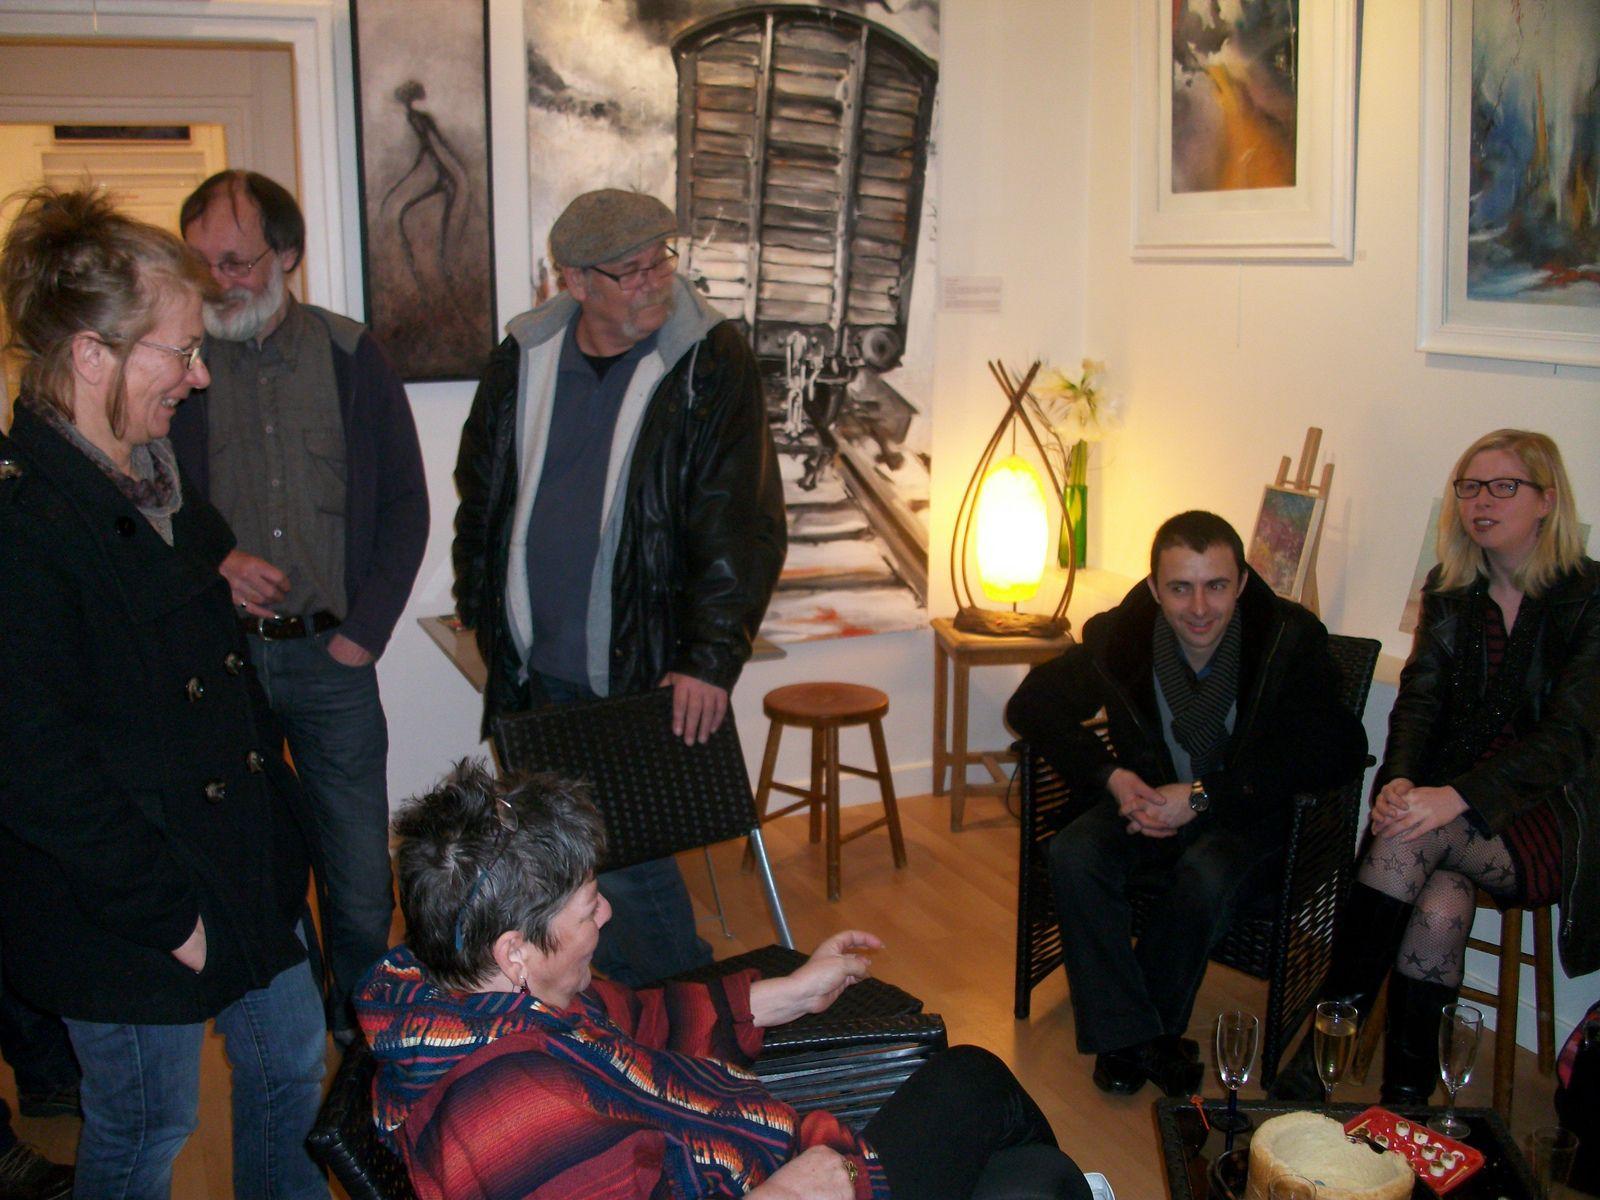 Exposition Galerie d'Arts Hugues Capet, 28 rue du Générale de Gaulle, 60400 Noyon (Avril-Mai 2014).